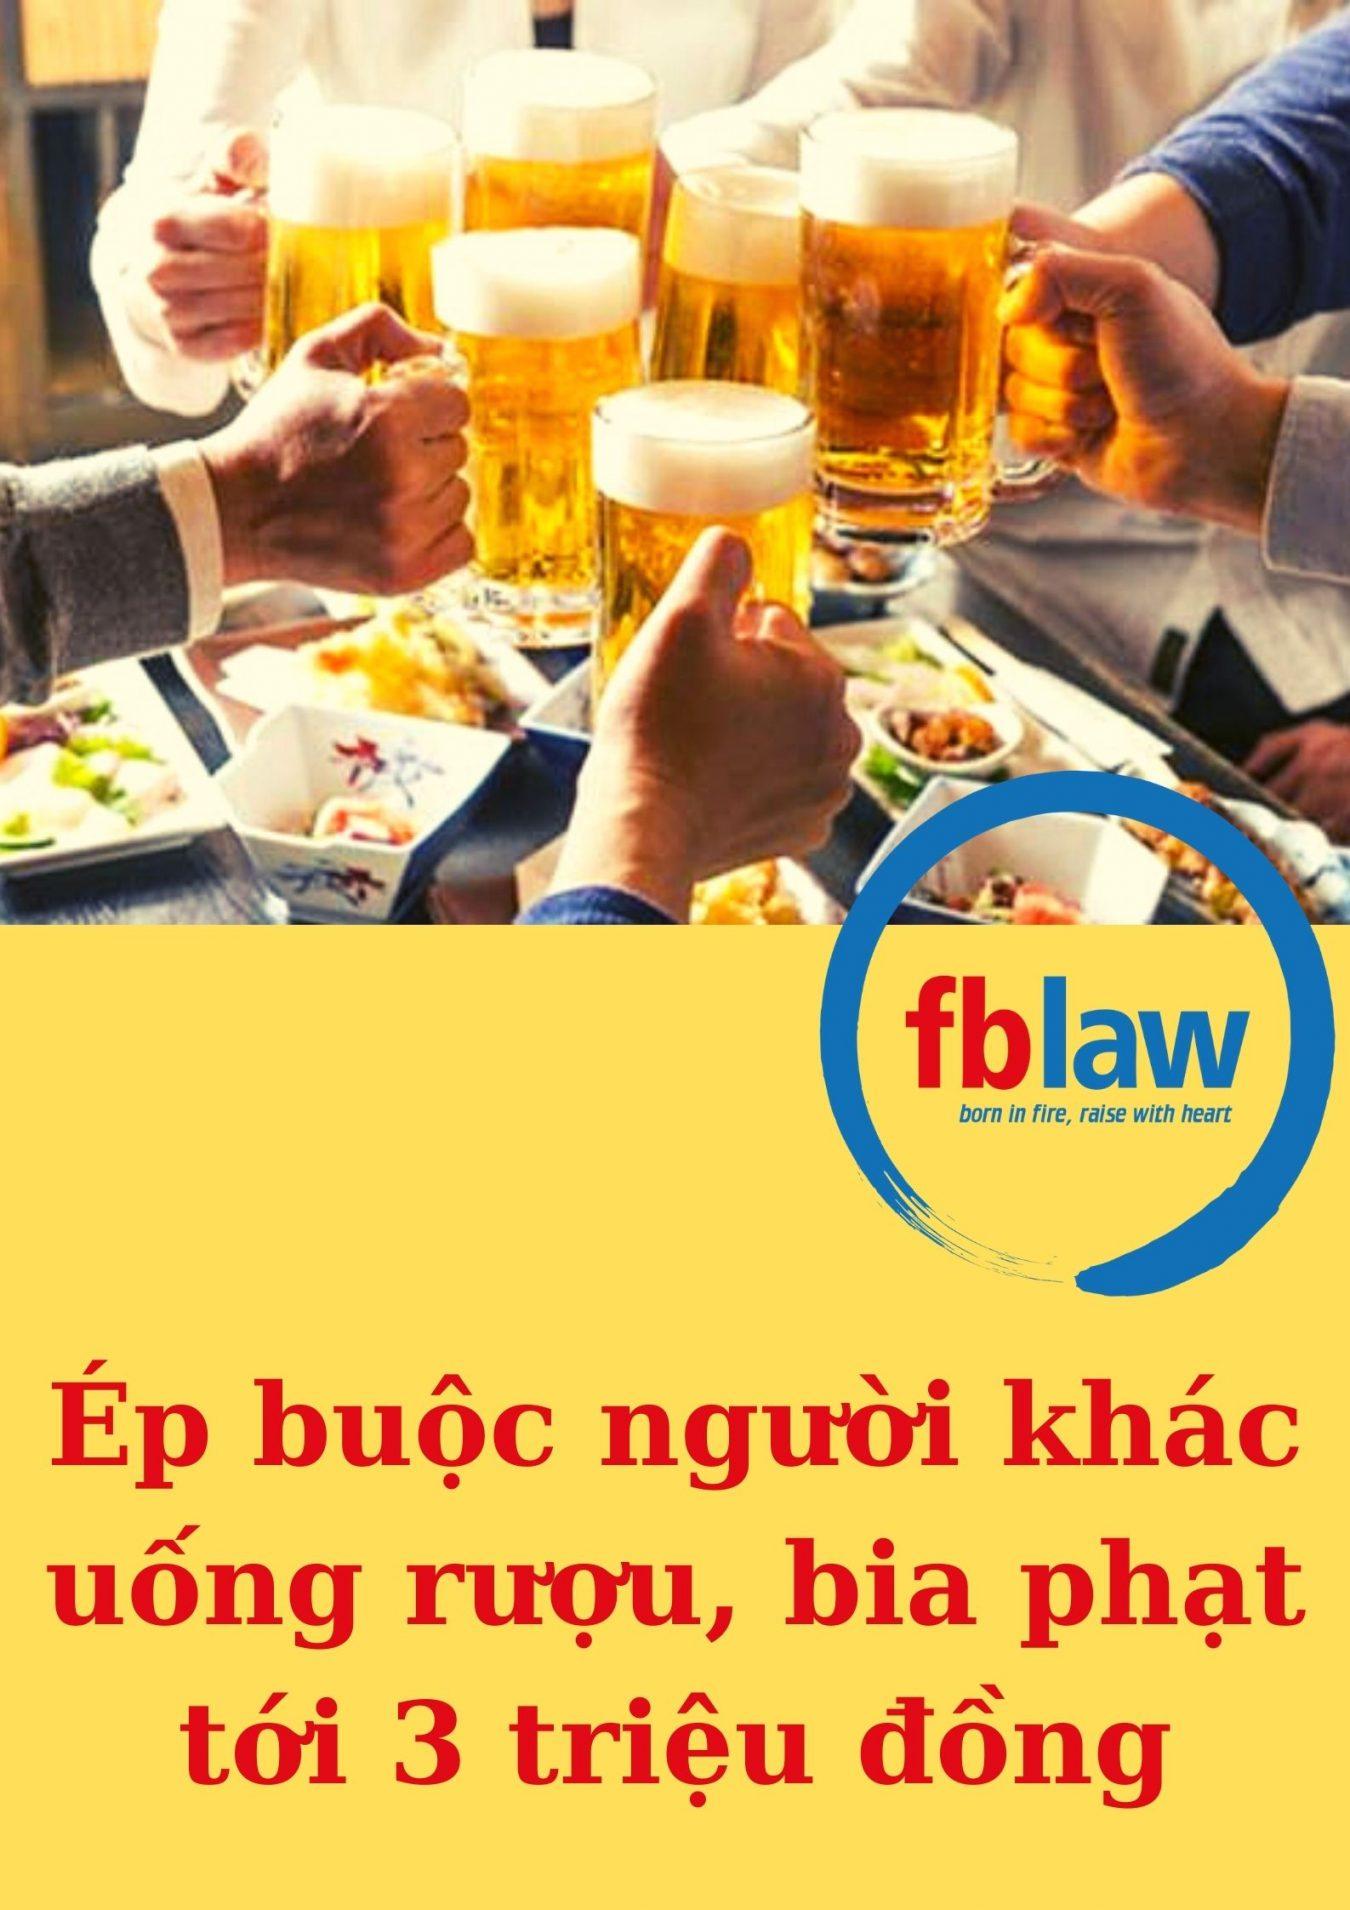 Ép buộc người khác uống rượu bia xử phạt đến 3 triệu đồng